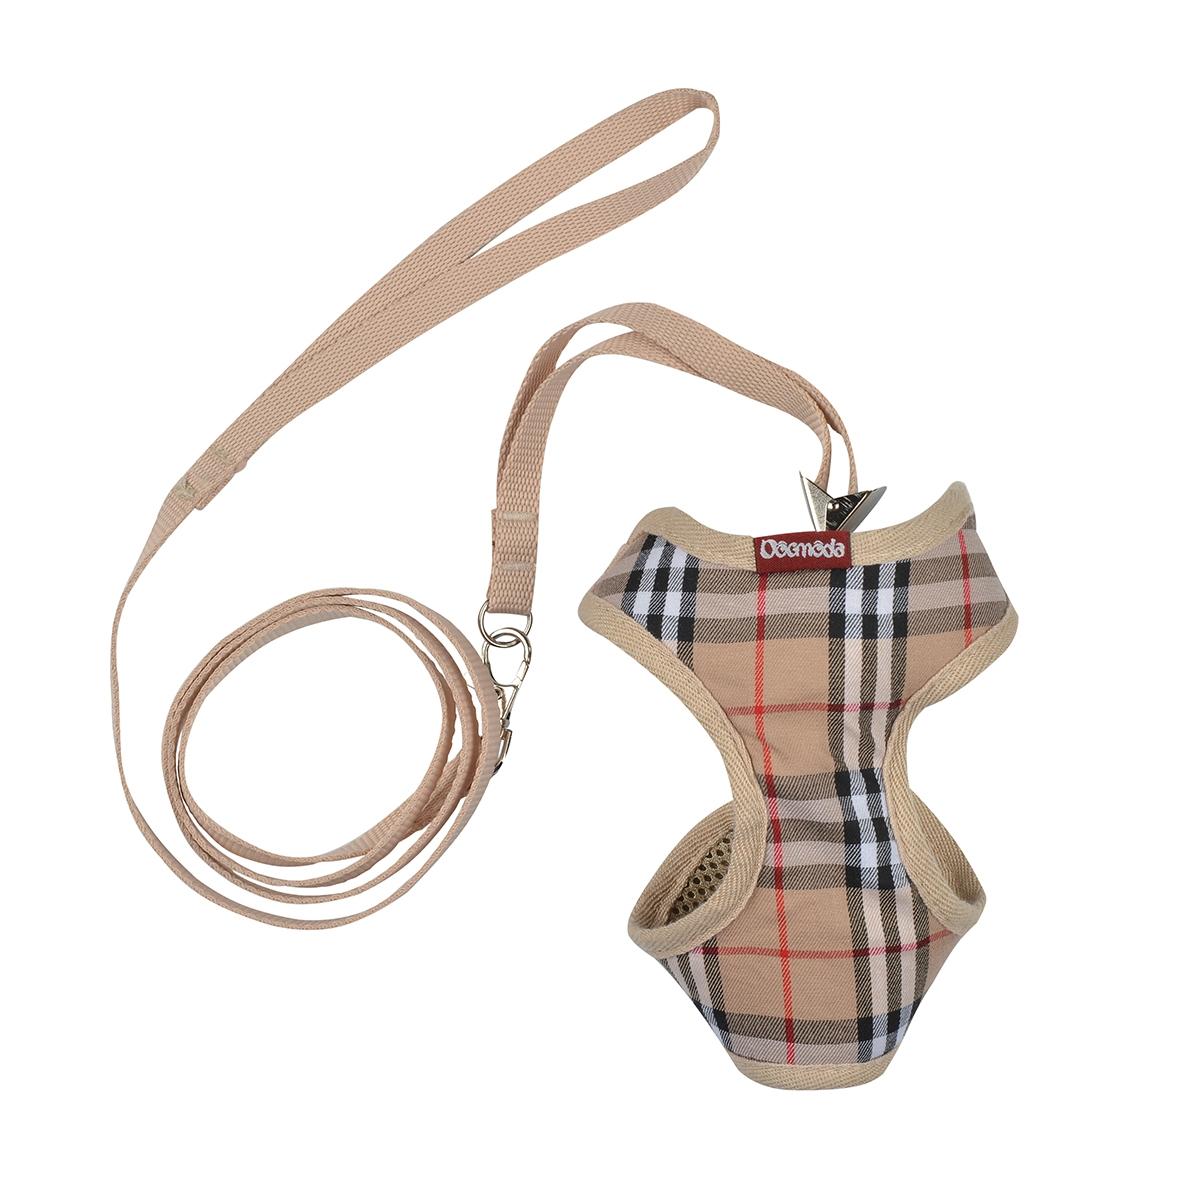 Dogmoda Комплект Клетка (шлейка и поводок) размер 10120710Комплект для прогулки Клетка, состоящий из шлейки и поводка. Выполнен из мягкого хлопка.